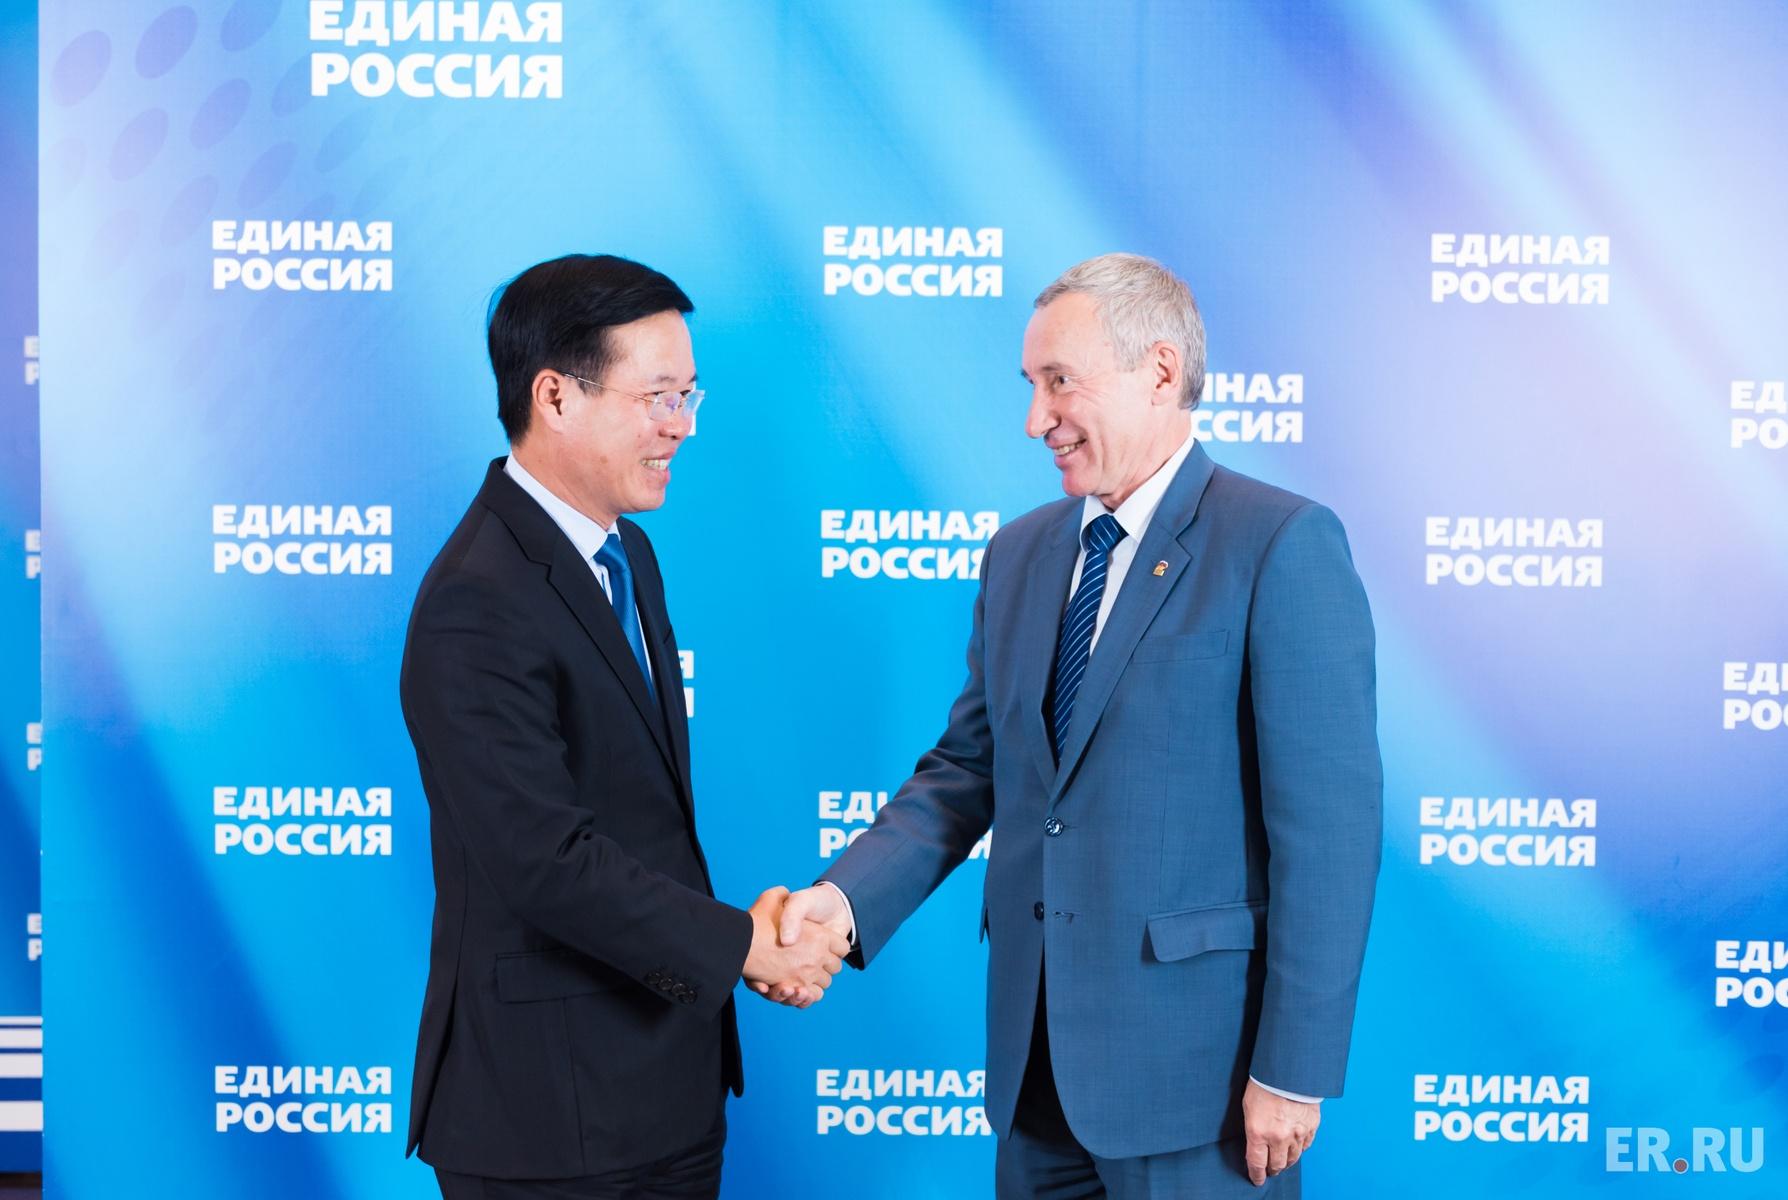 В «Единой России» прошли консультации с представителями Коммунистической партии Вьетнама